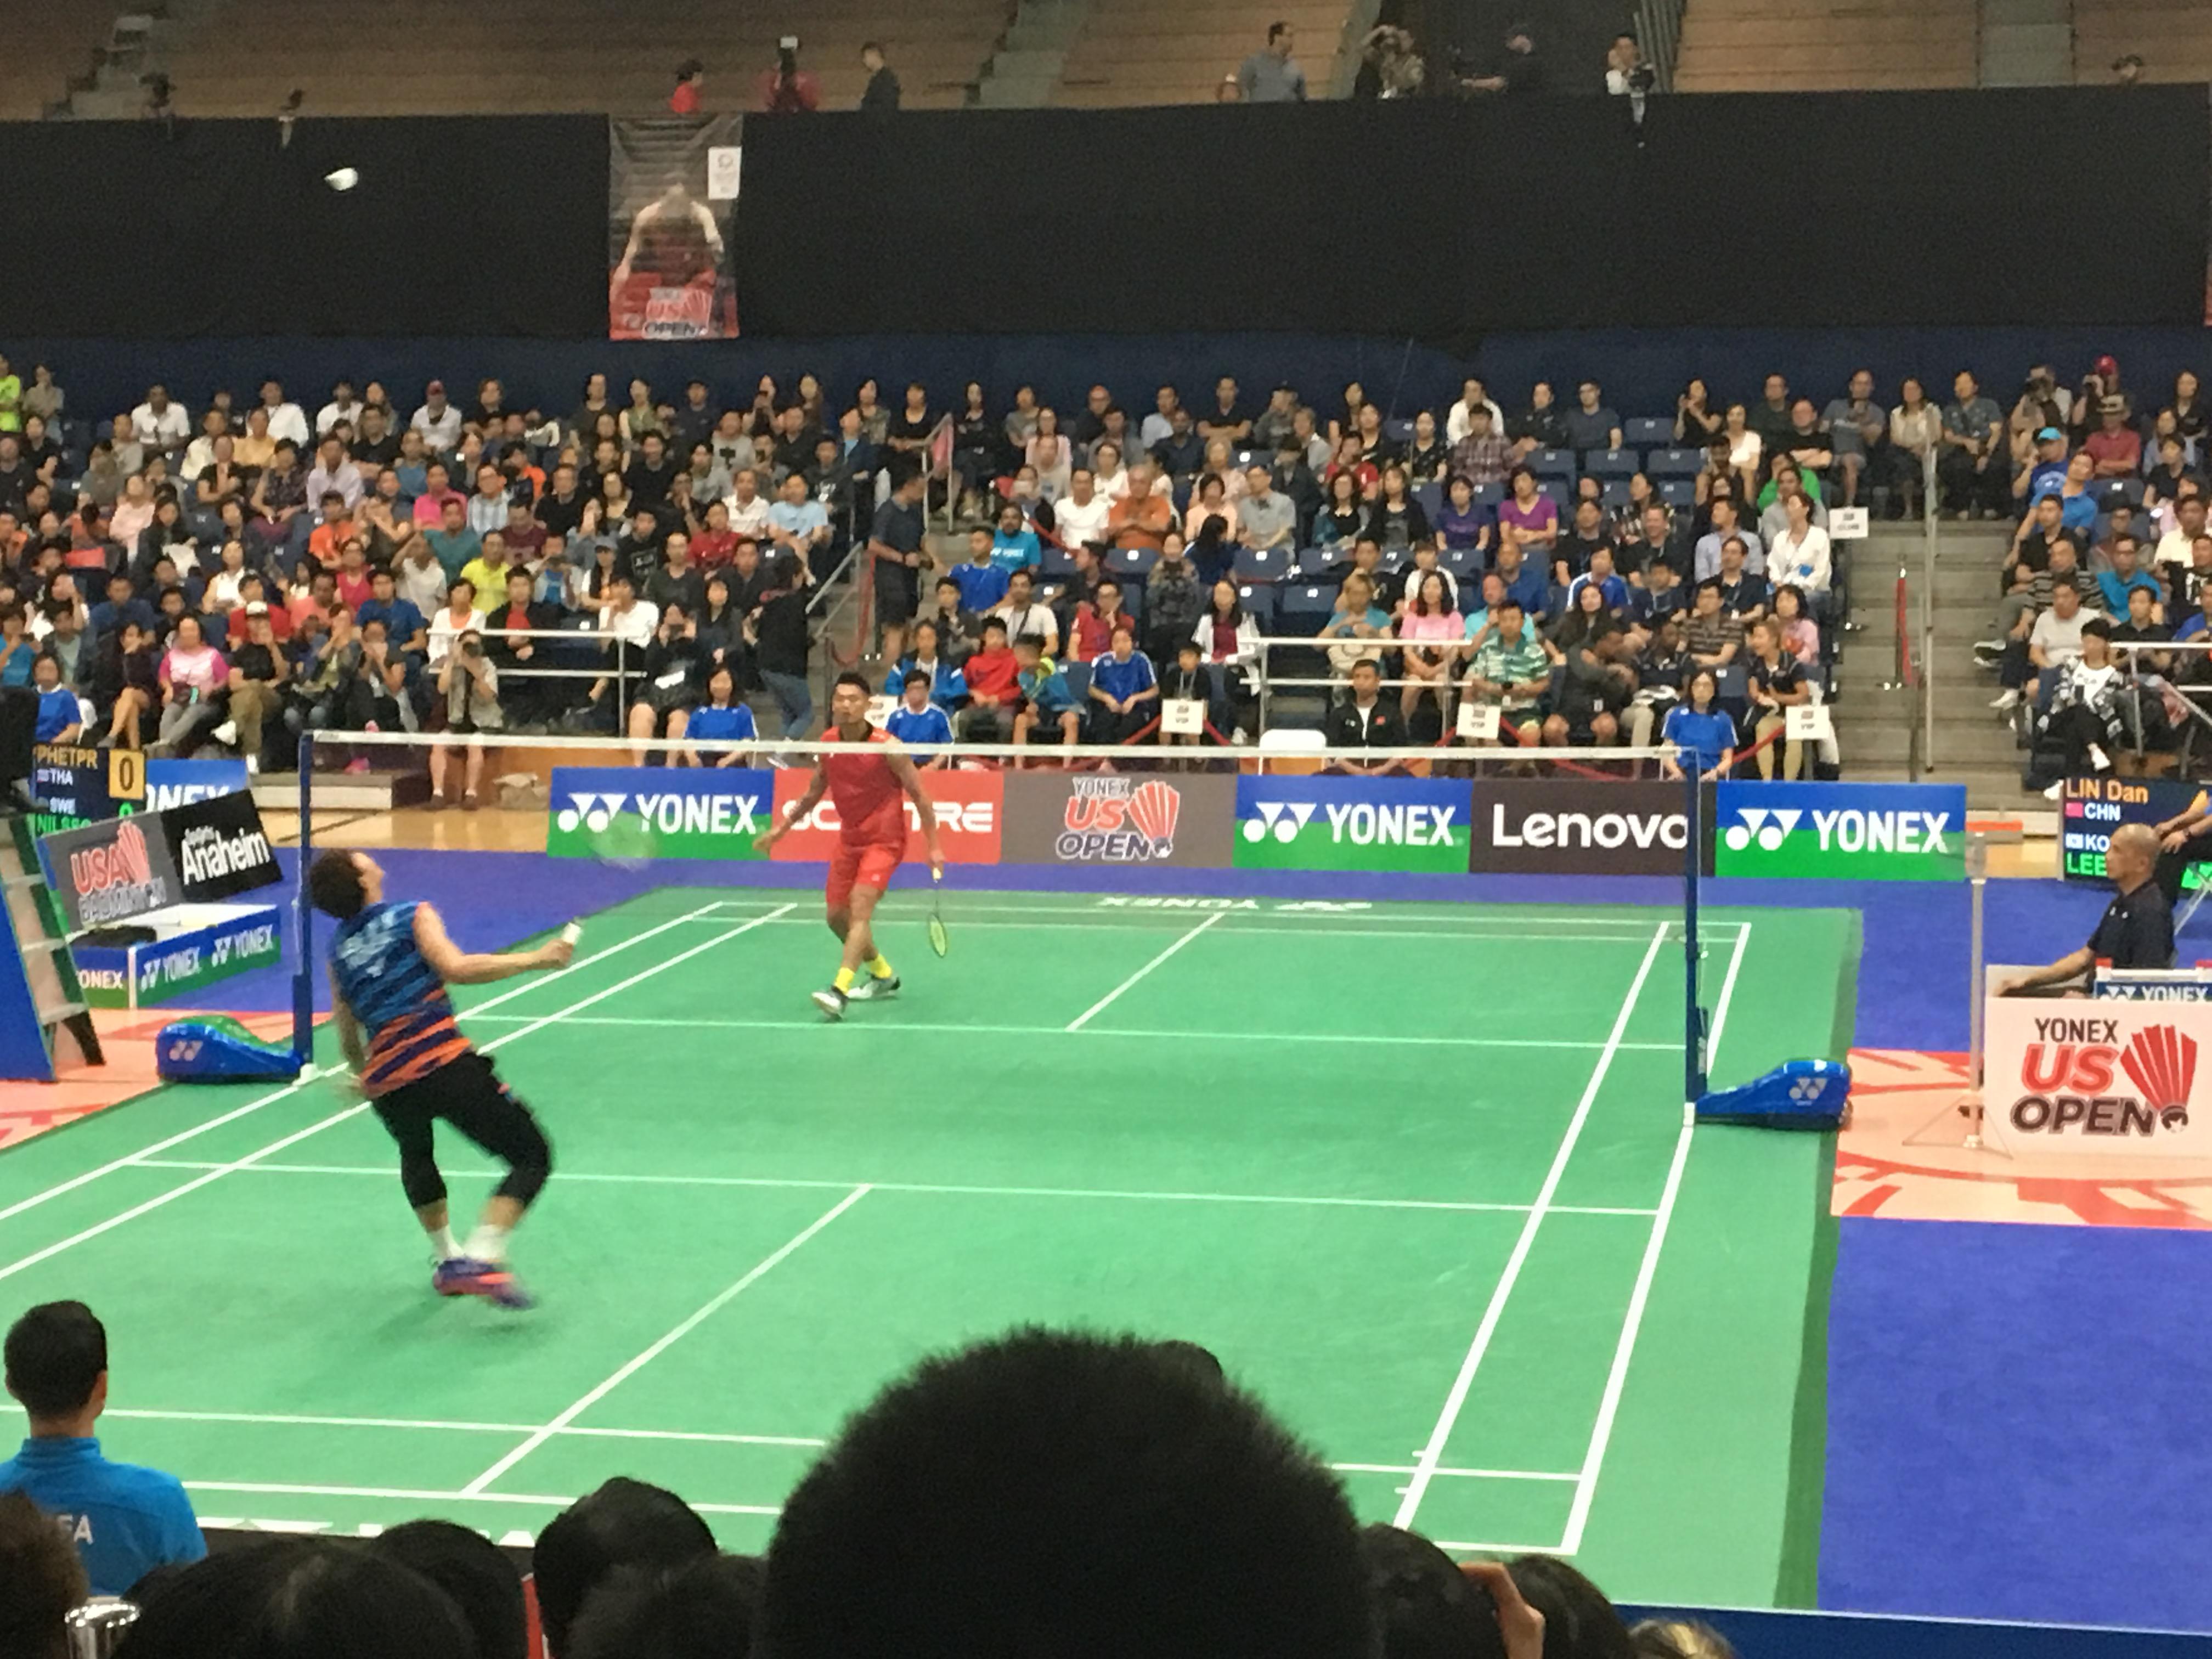 中國羽球選手林丹(面對鏡頭紅衣者)與韓國選手李東根單打比賽中。(記者啟鉻/攝影)